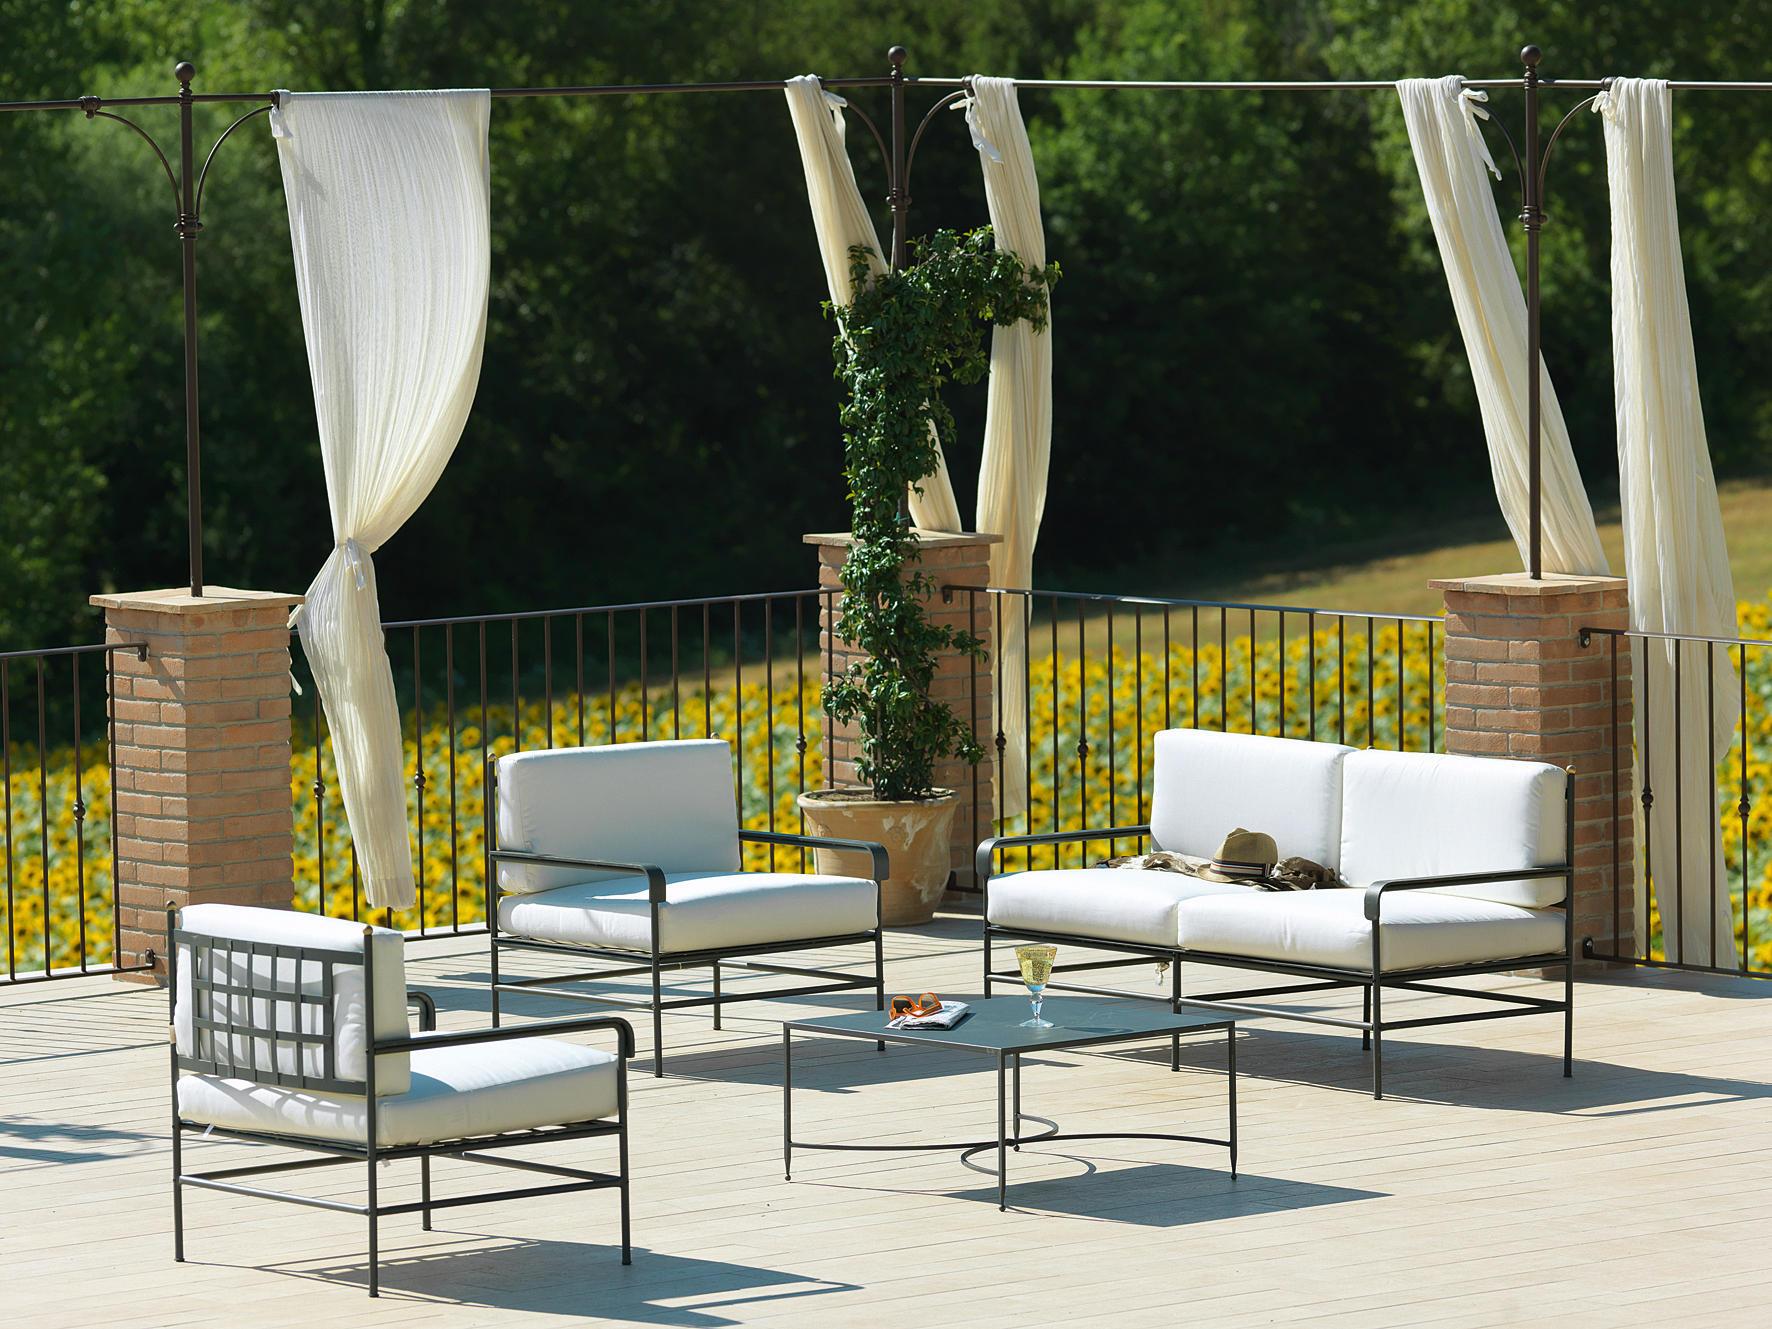 toscana poltrona poltrone da giardino unopi architonic. Black Bedroom Furniture Sets. Home Design Ideas